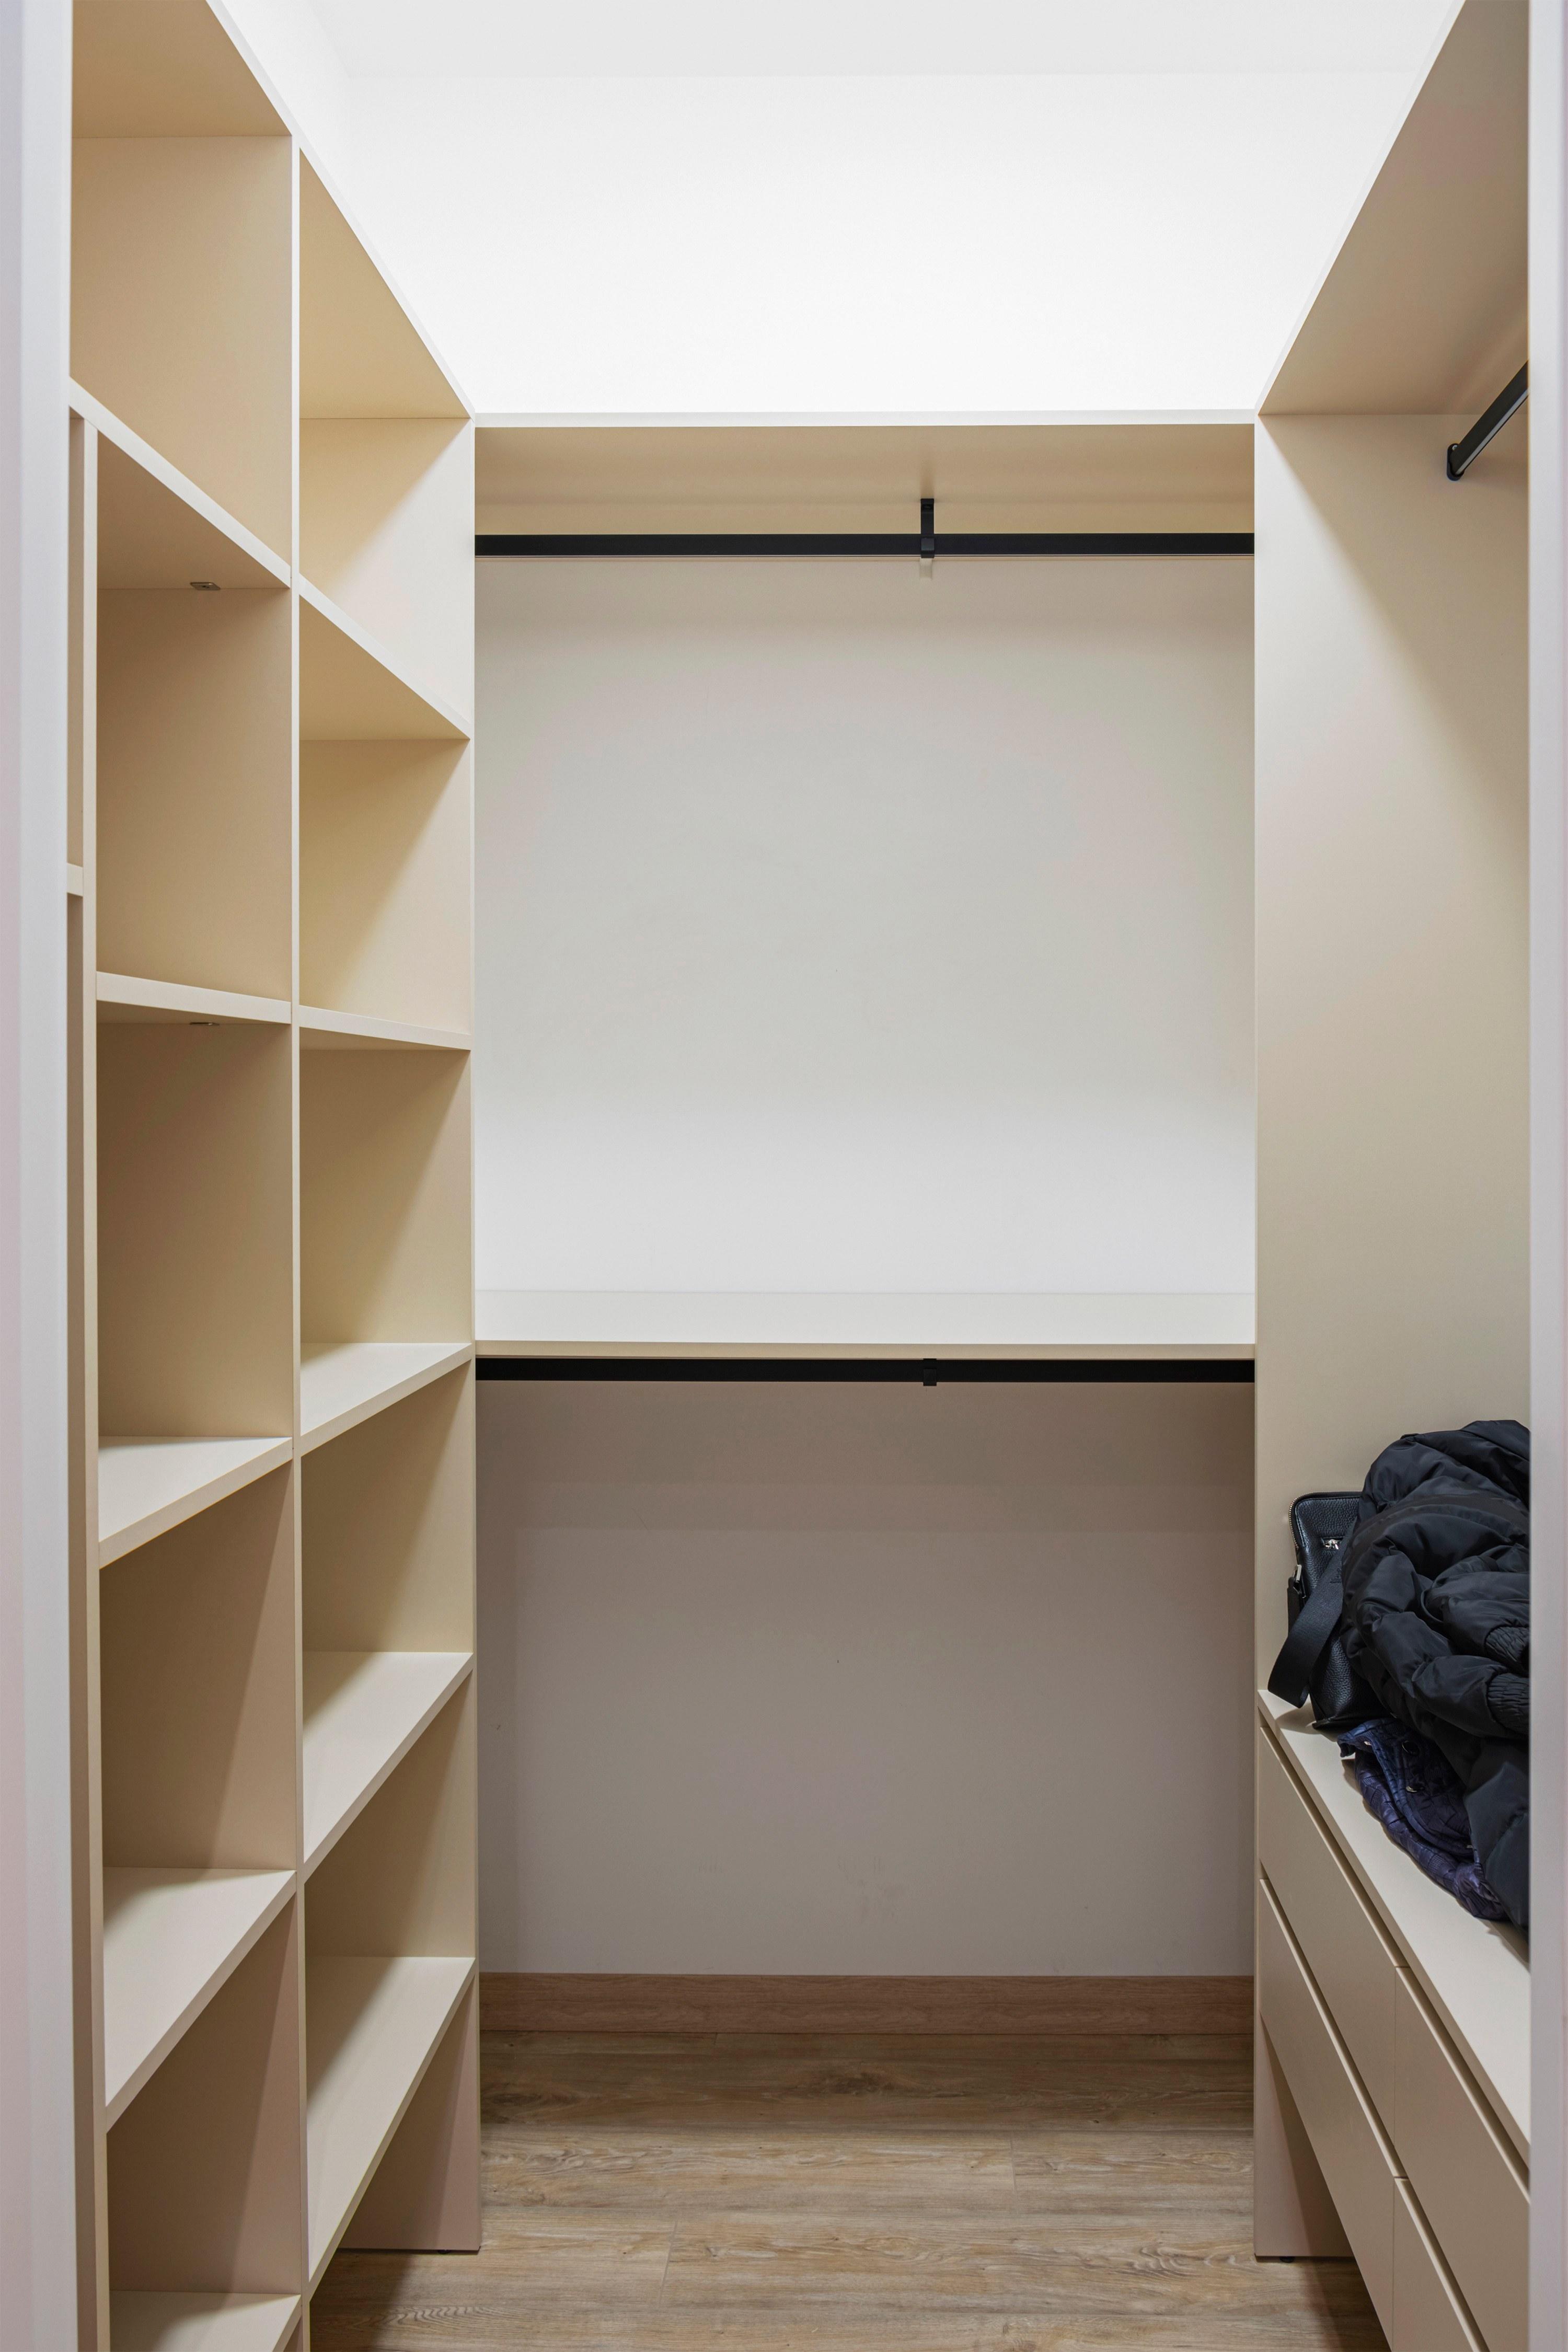 Гардеробная комната после ремонта квартиры в ЖК «Французский бульвар» Одесса